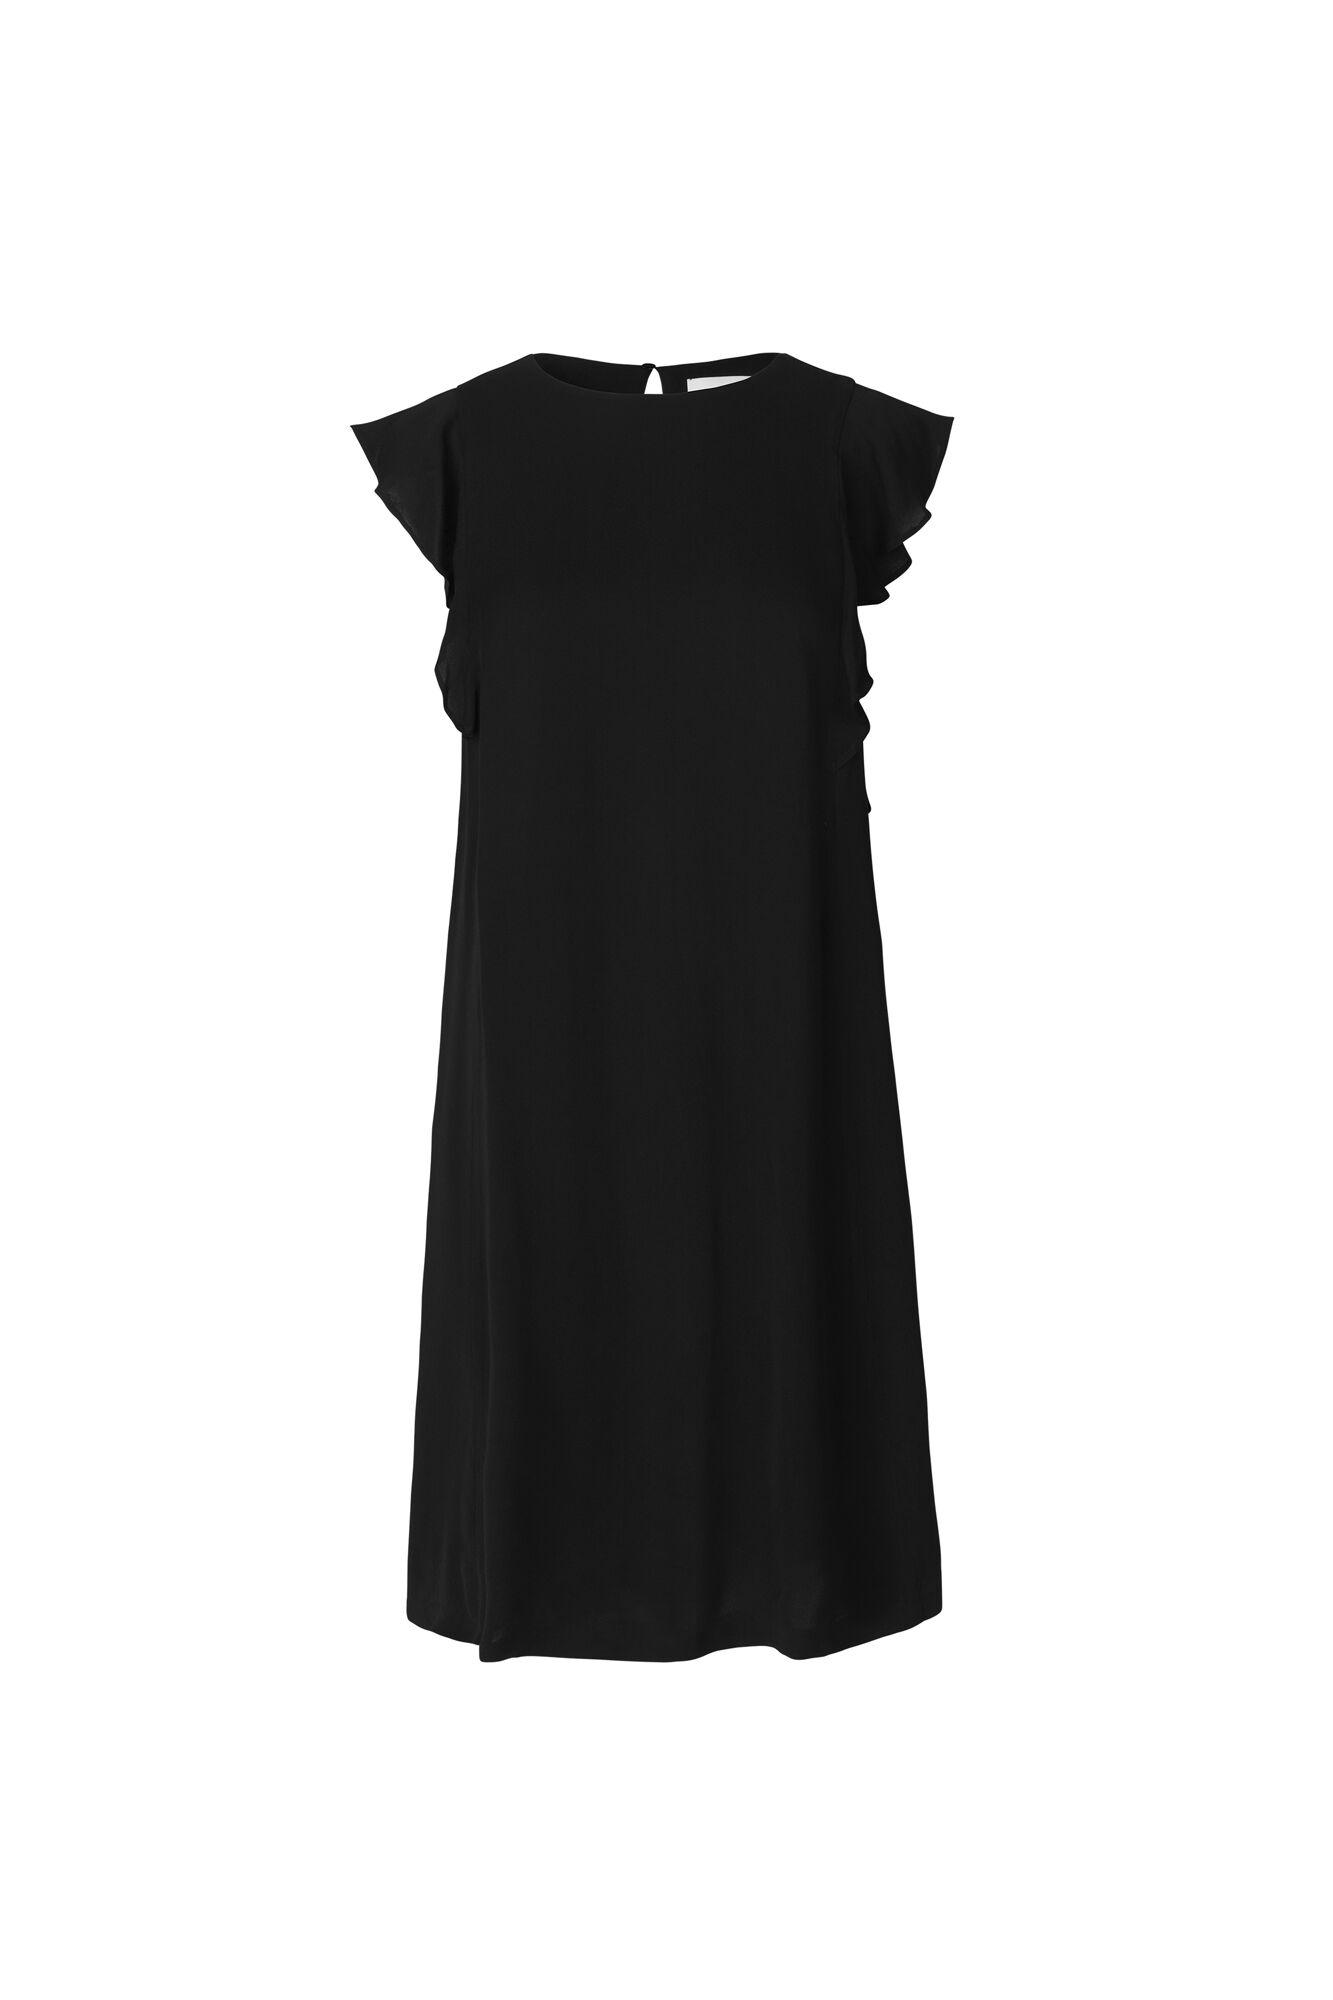 Mentha s dress 6616